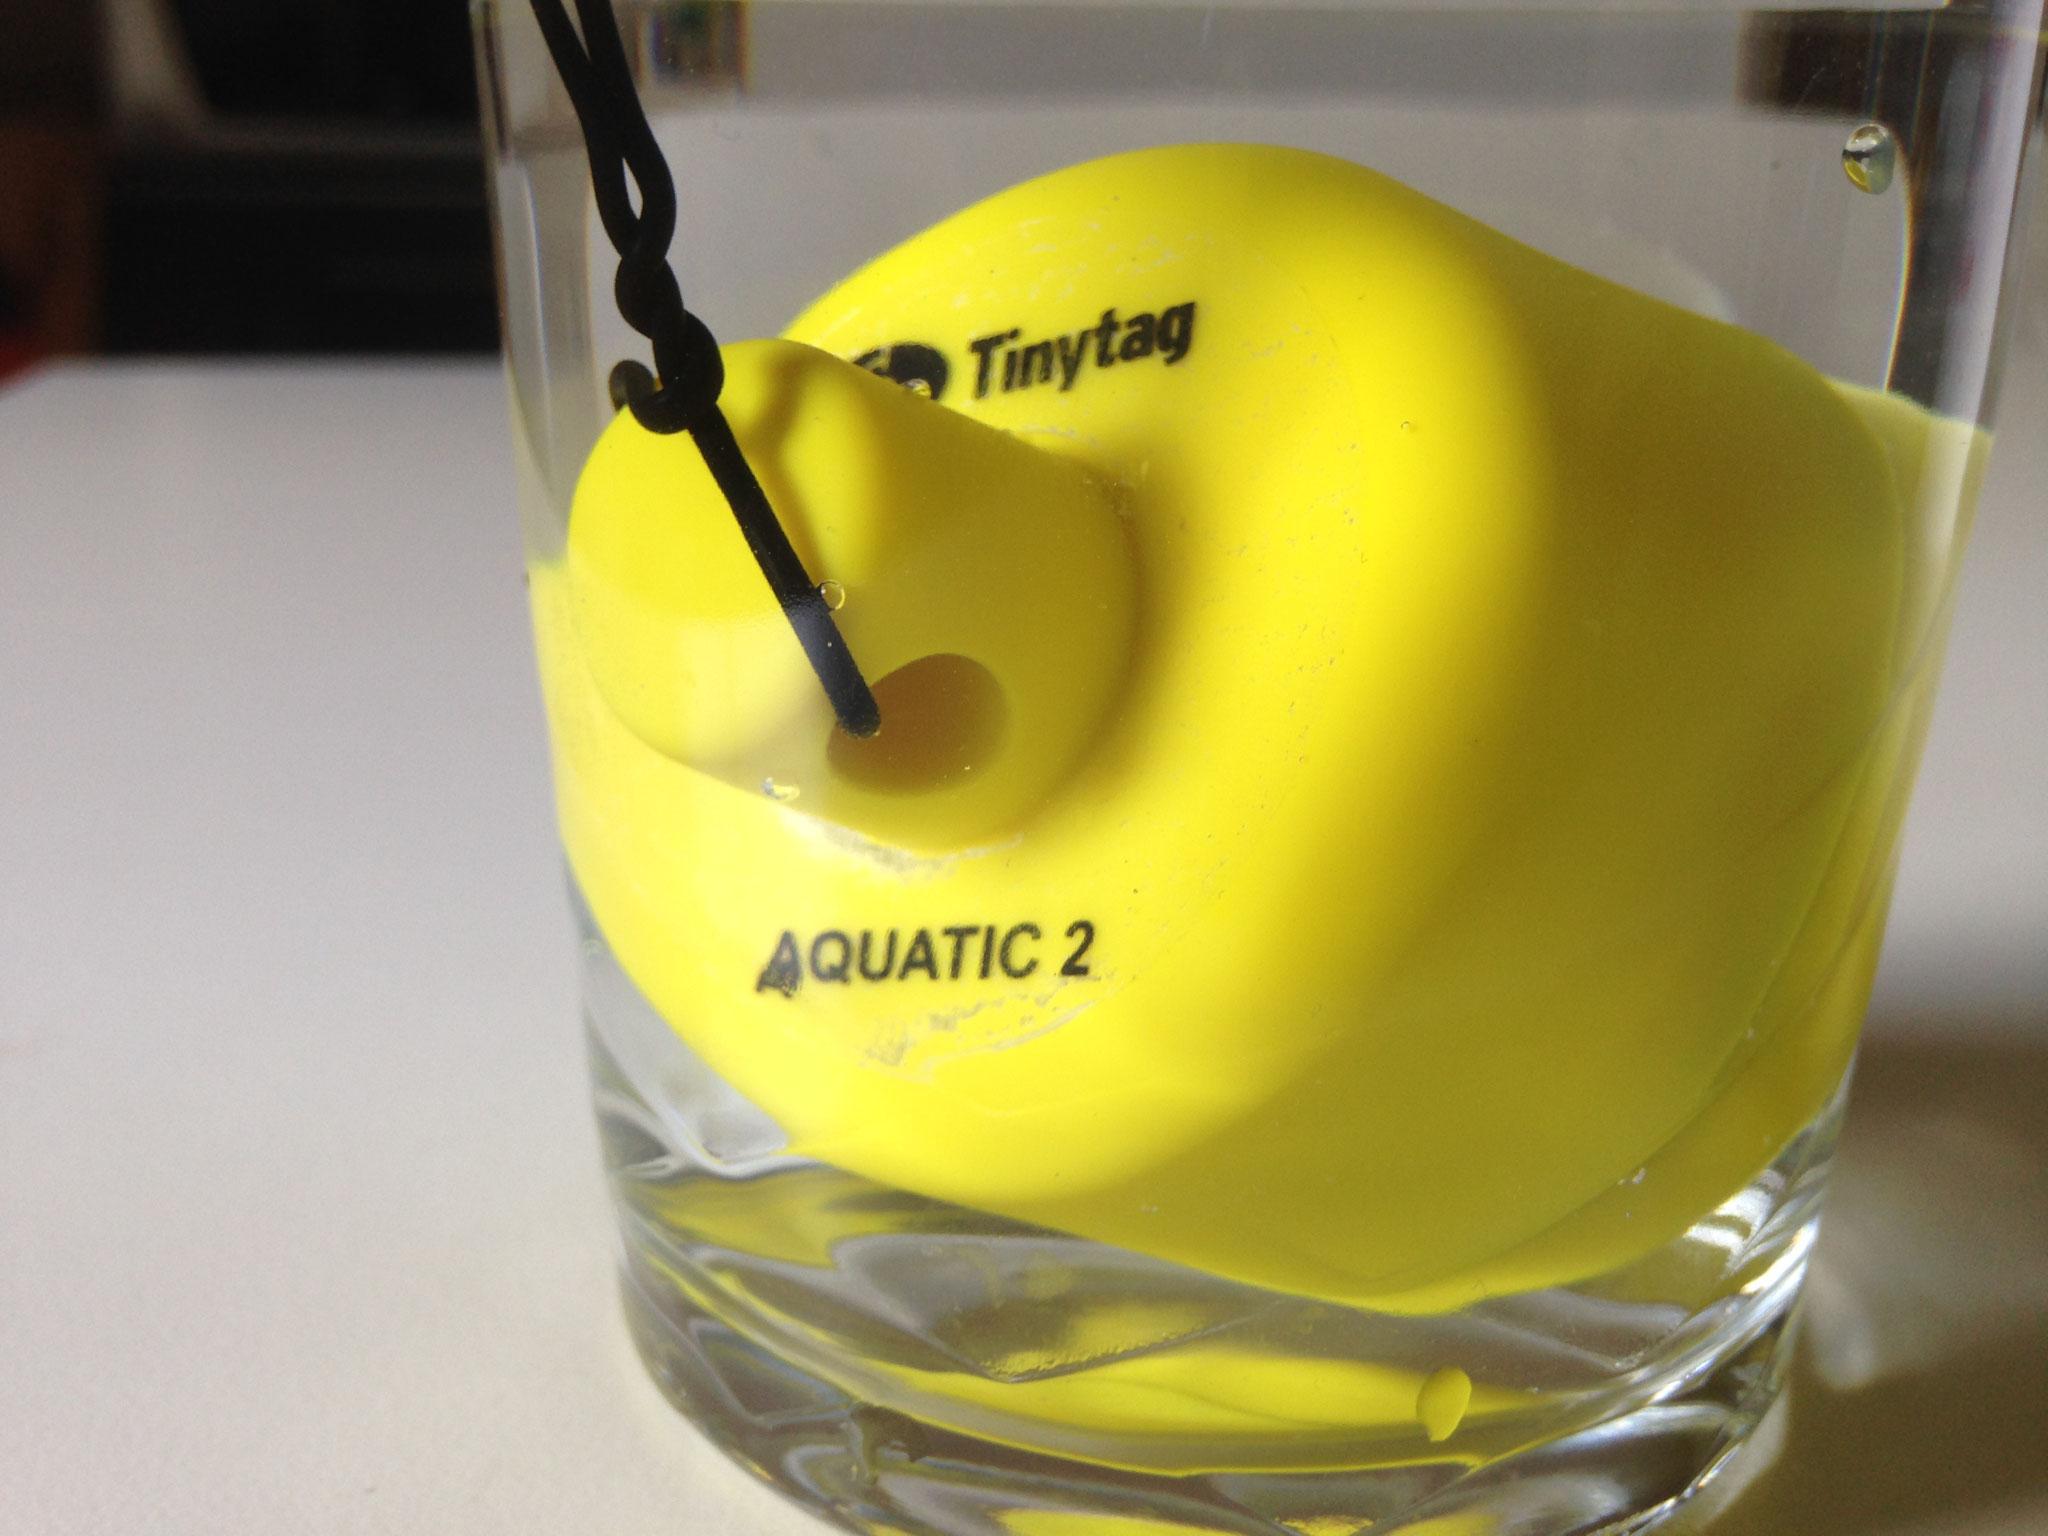 Tinytag Aquatic 2 étanche autonome